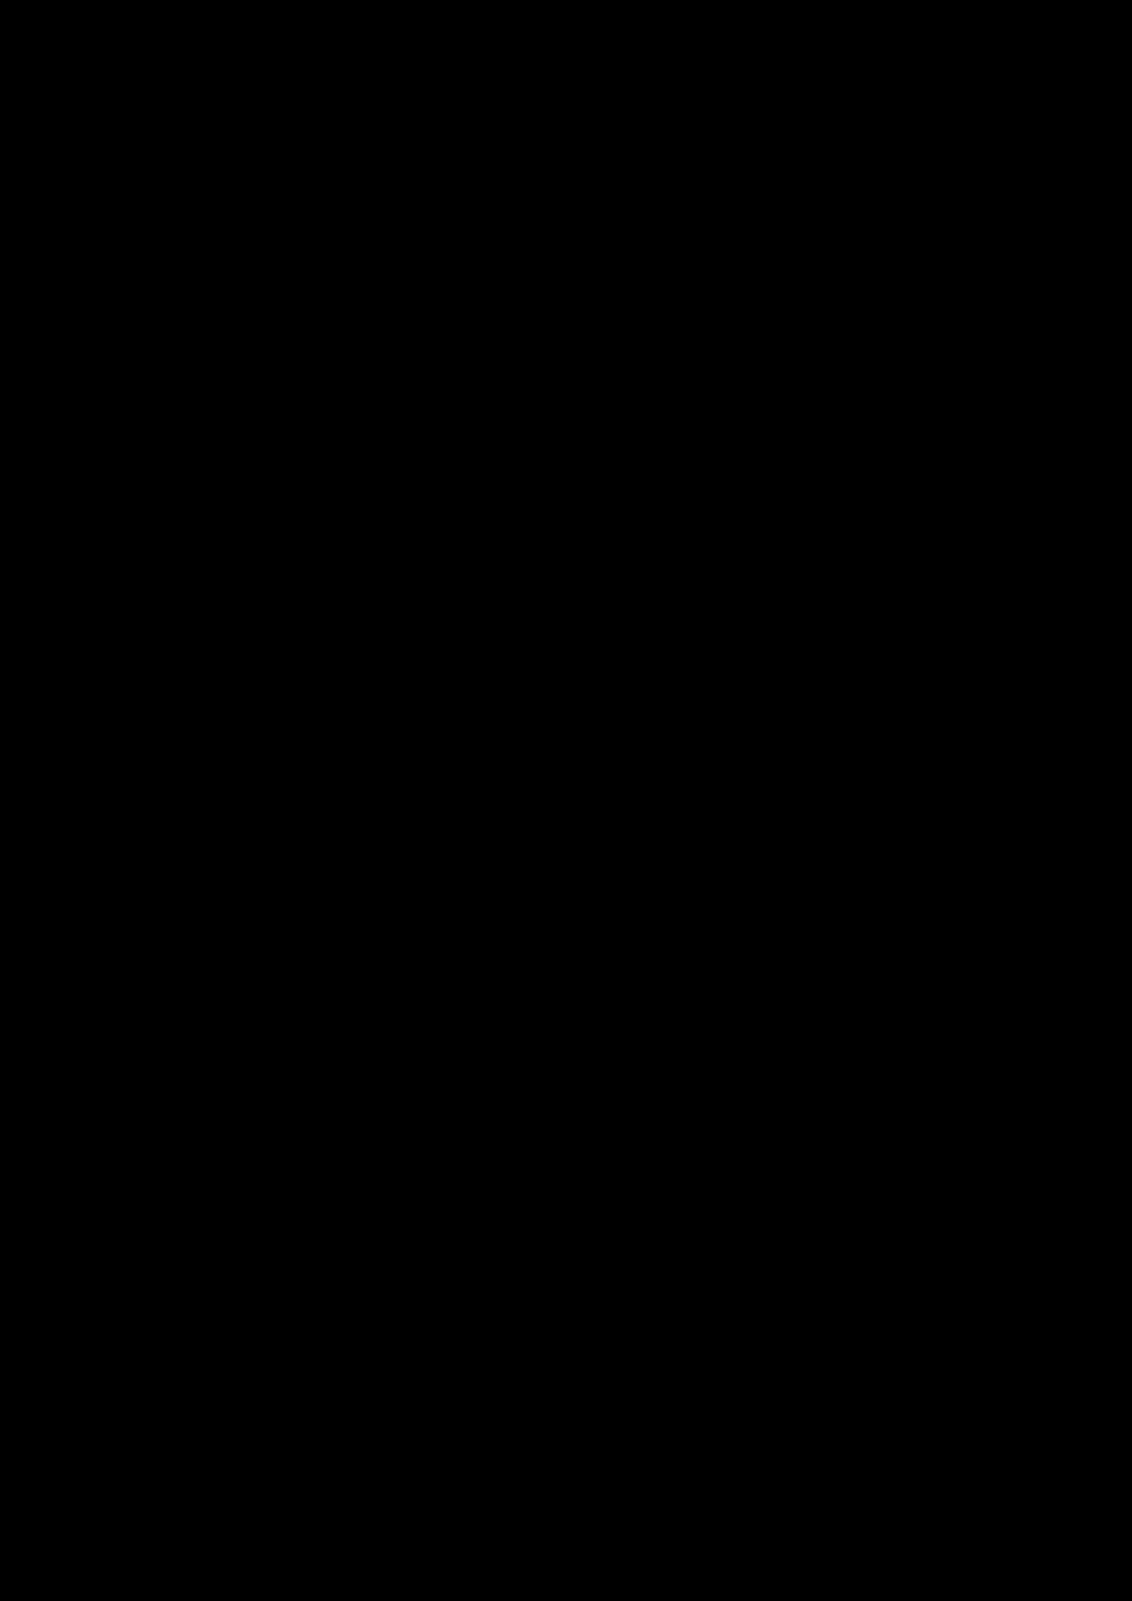 Serdtse slide, Image 79